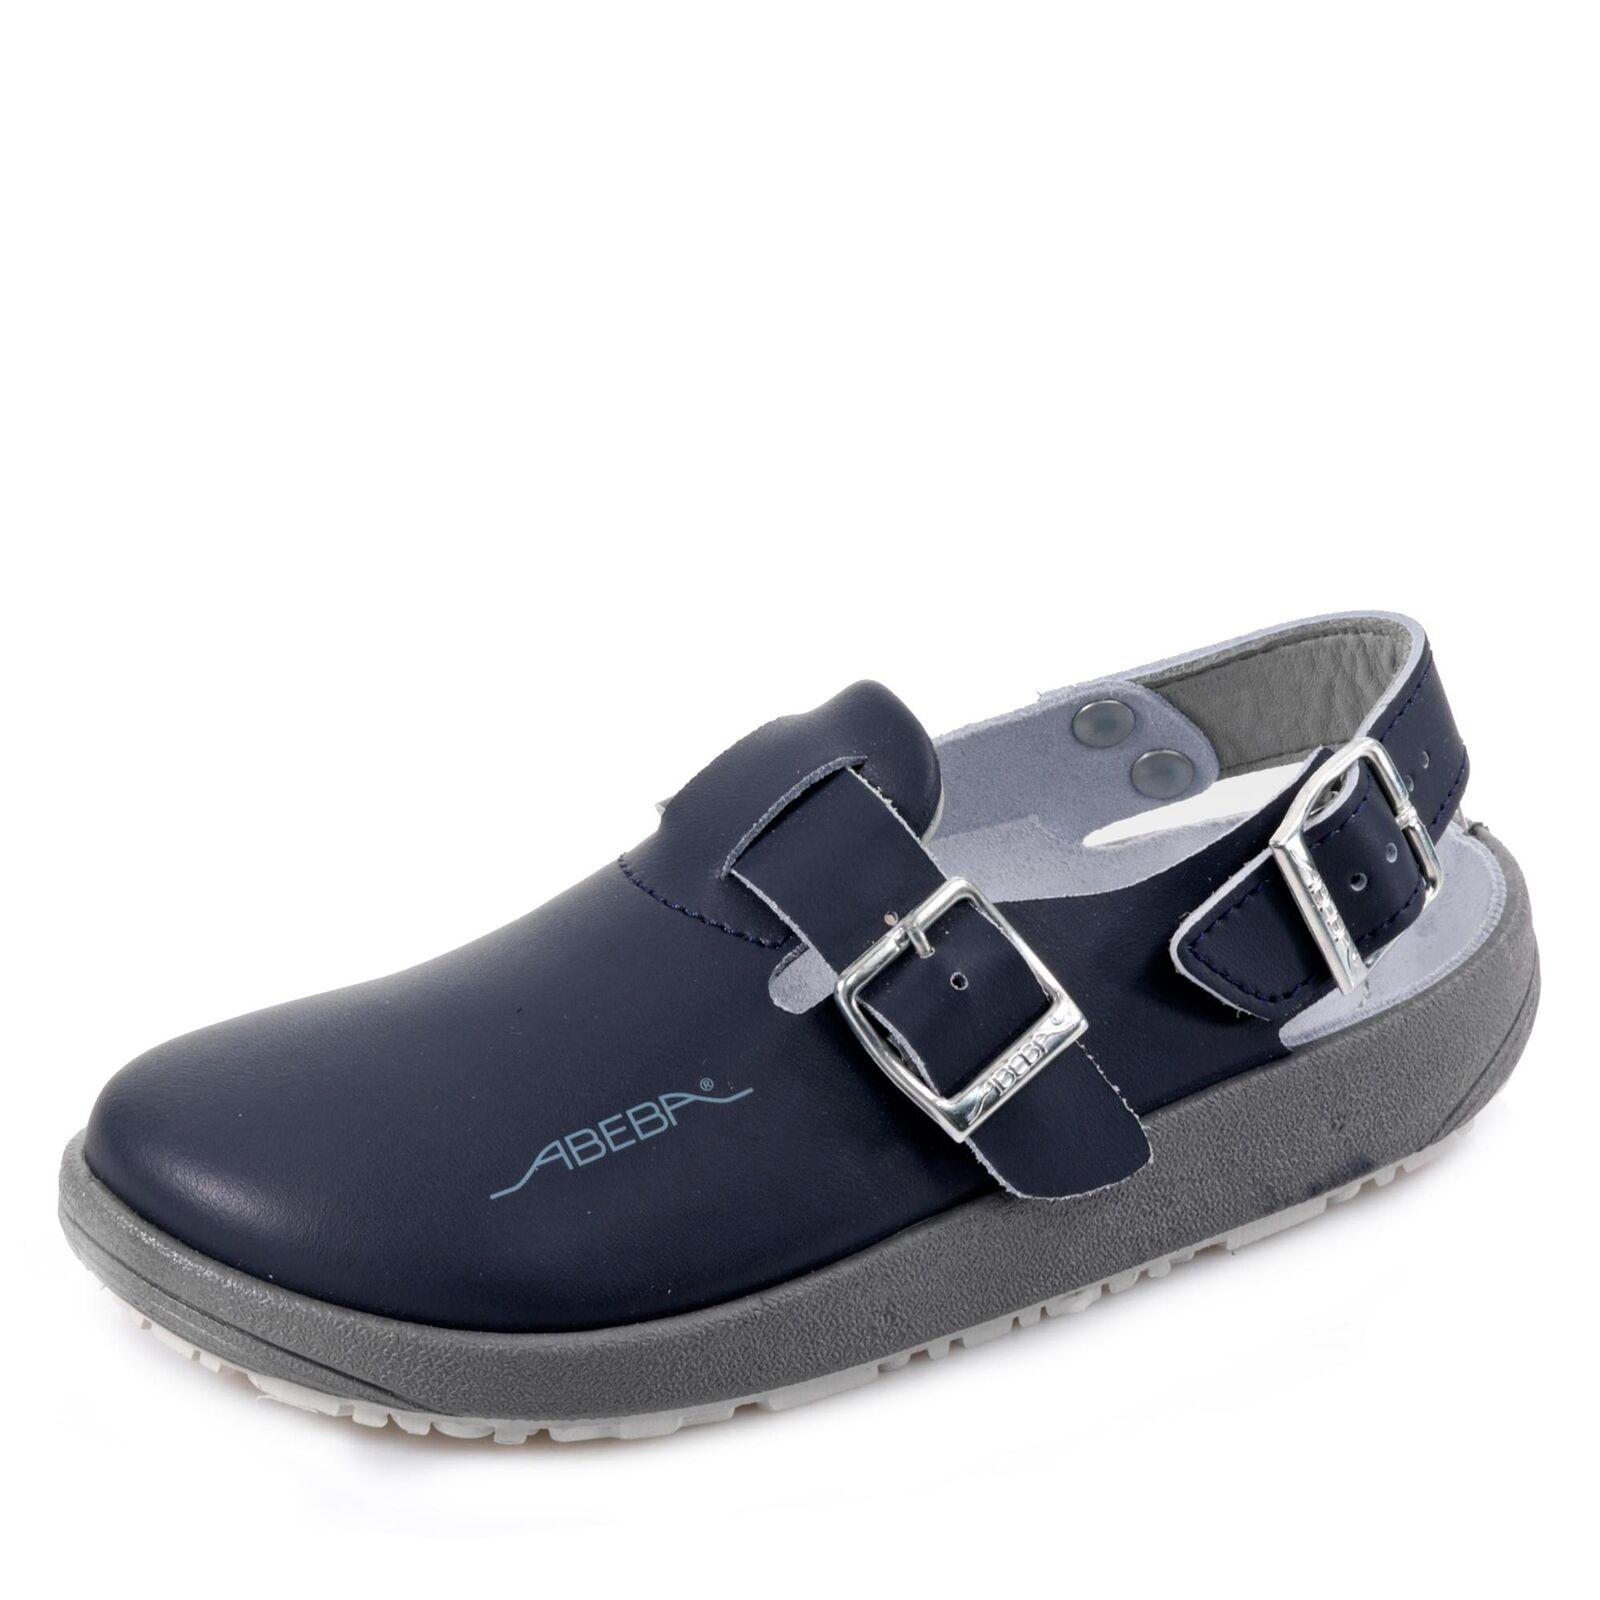 Abeba Damen und Herren Clogs Arbeitsschuhe Schlupfschuhe Pantoletten Schuhe blau